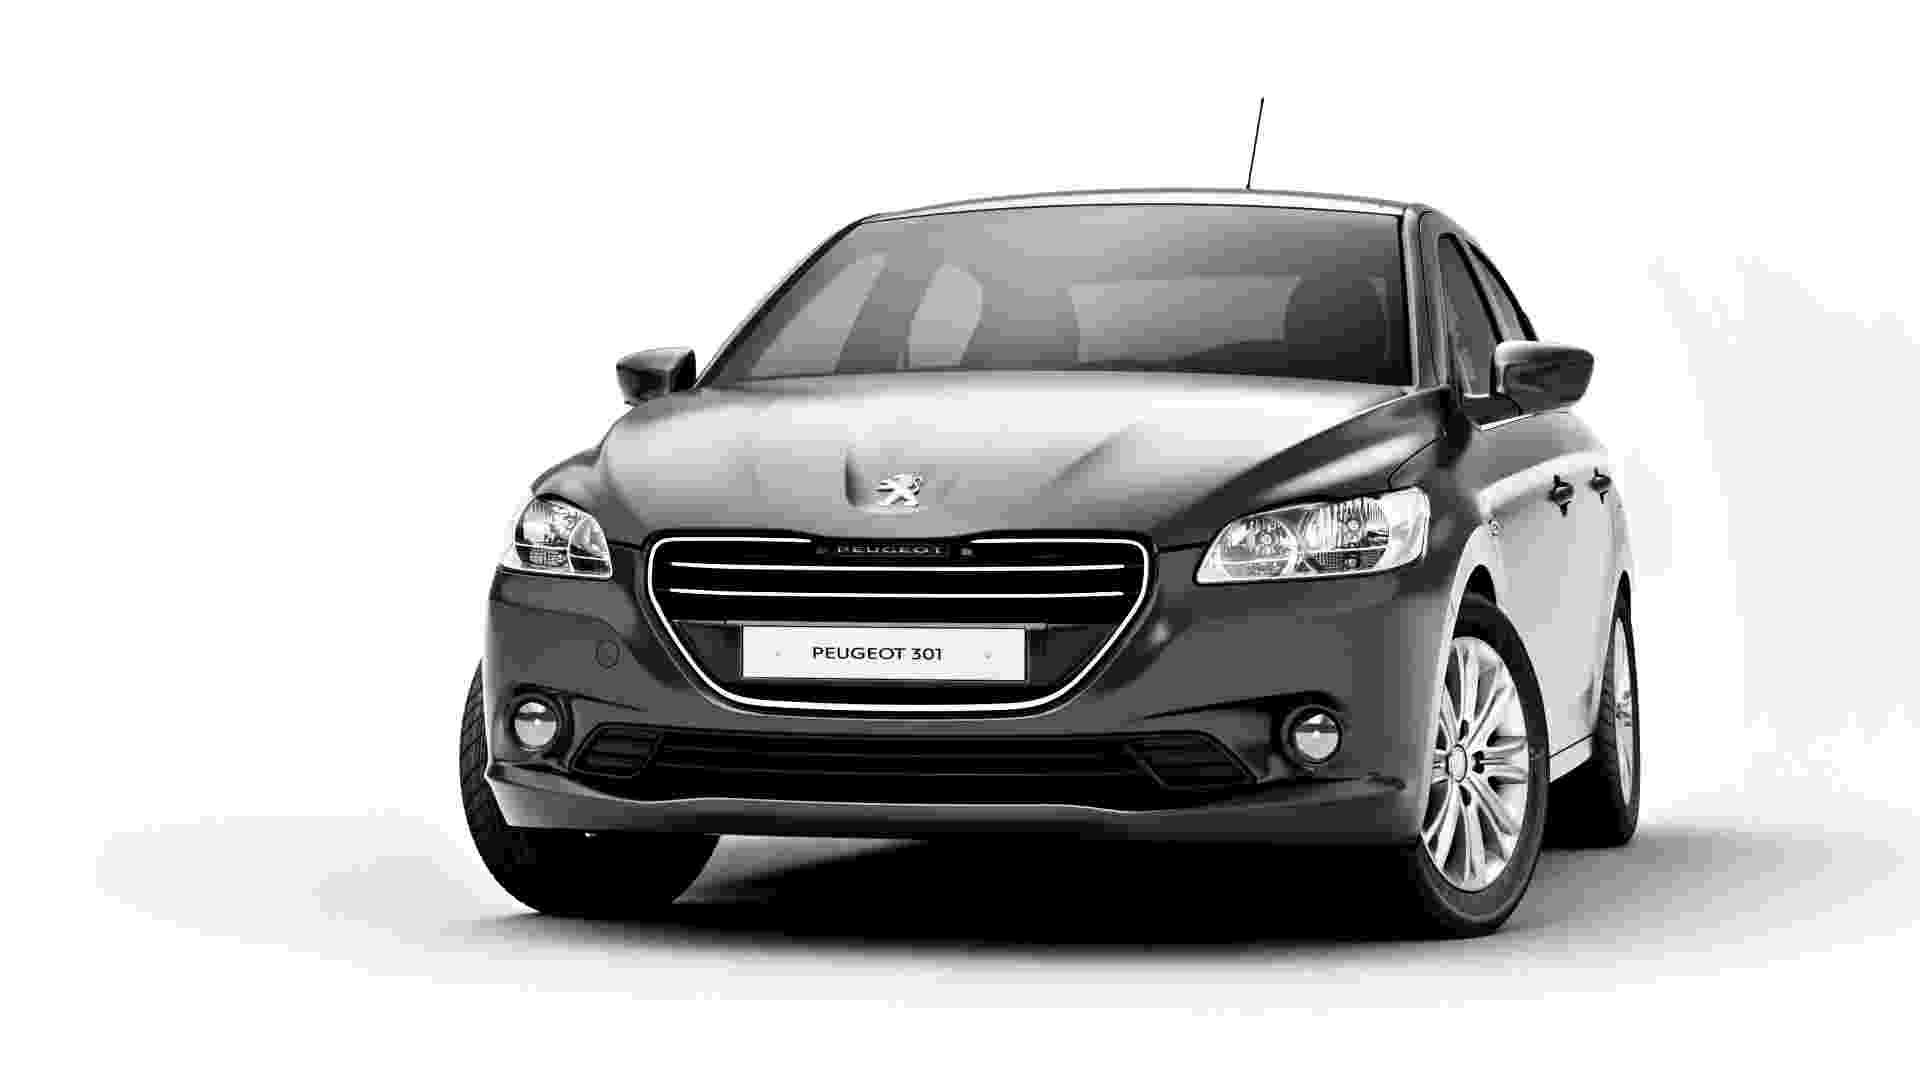 E, finalmente, este é o sedã 301, modelo para mercados emergentes apresentado nesta quinta-feira (24) pela Peugeot francesa como opção para mercados emergentes. Modelo mescla estilos de 208 e 508 - Divulgação